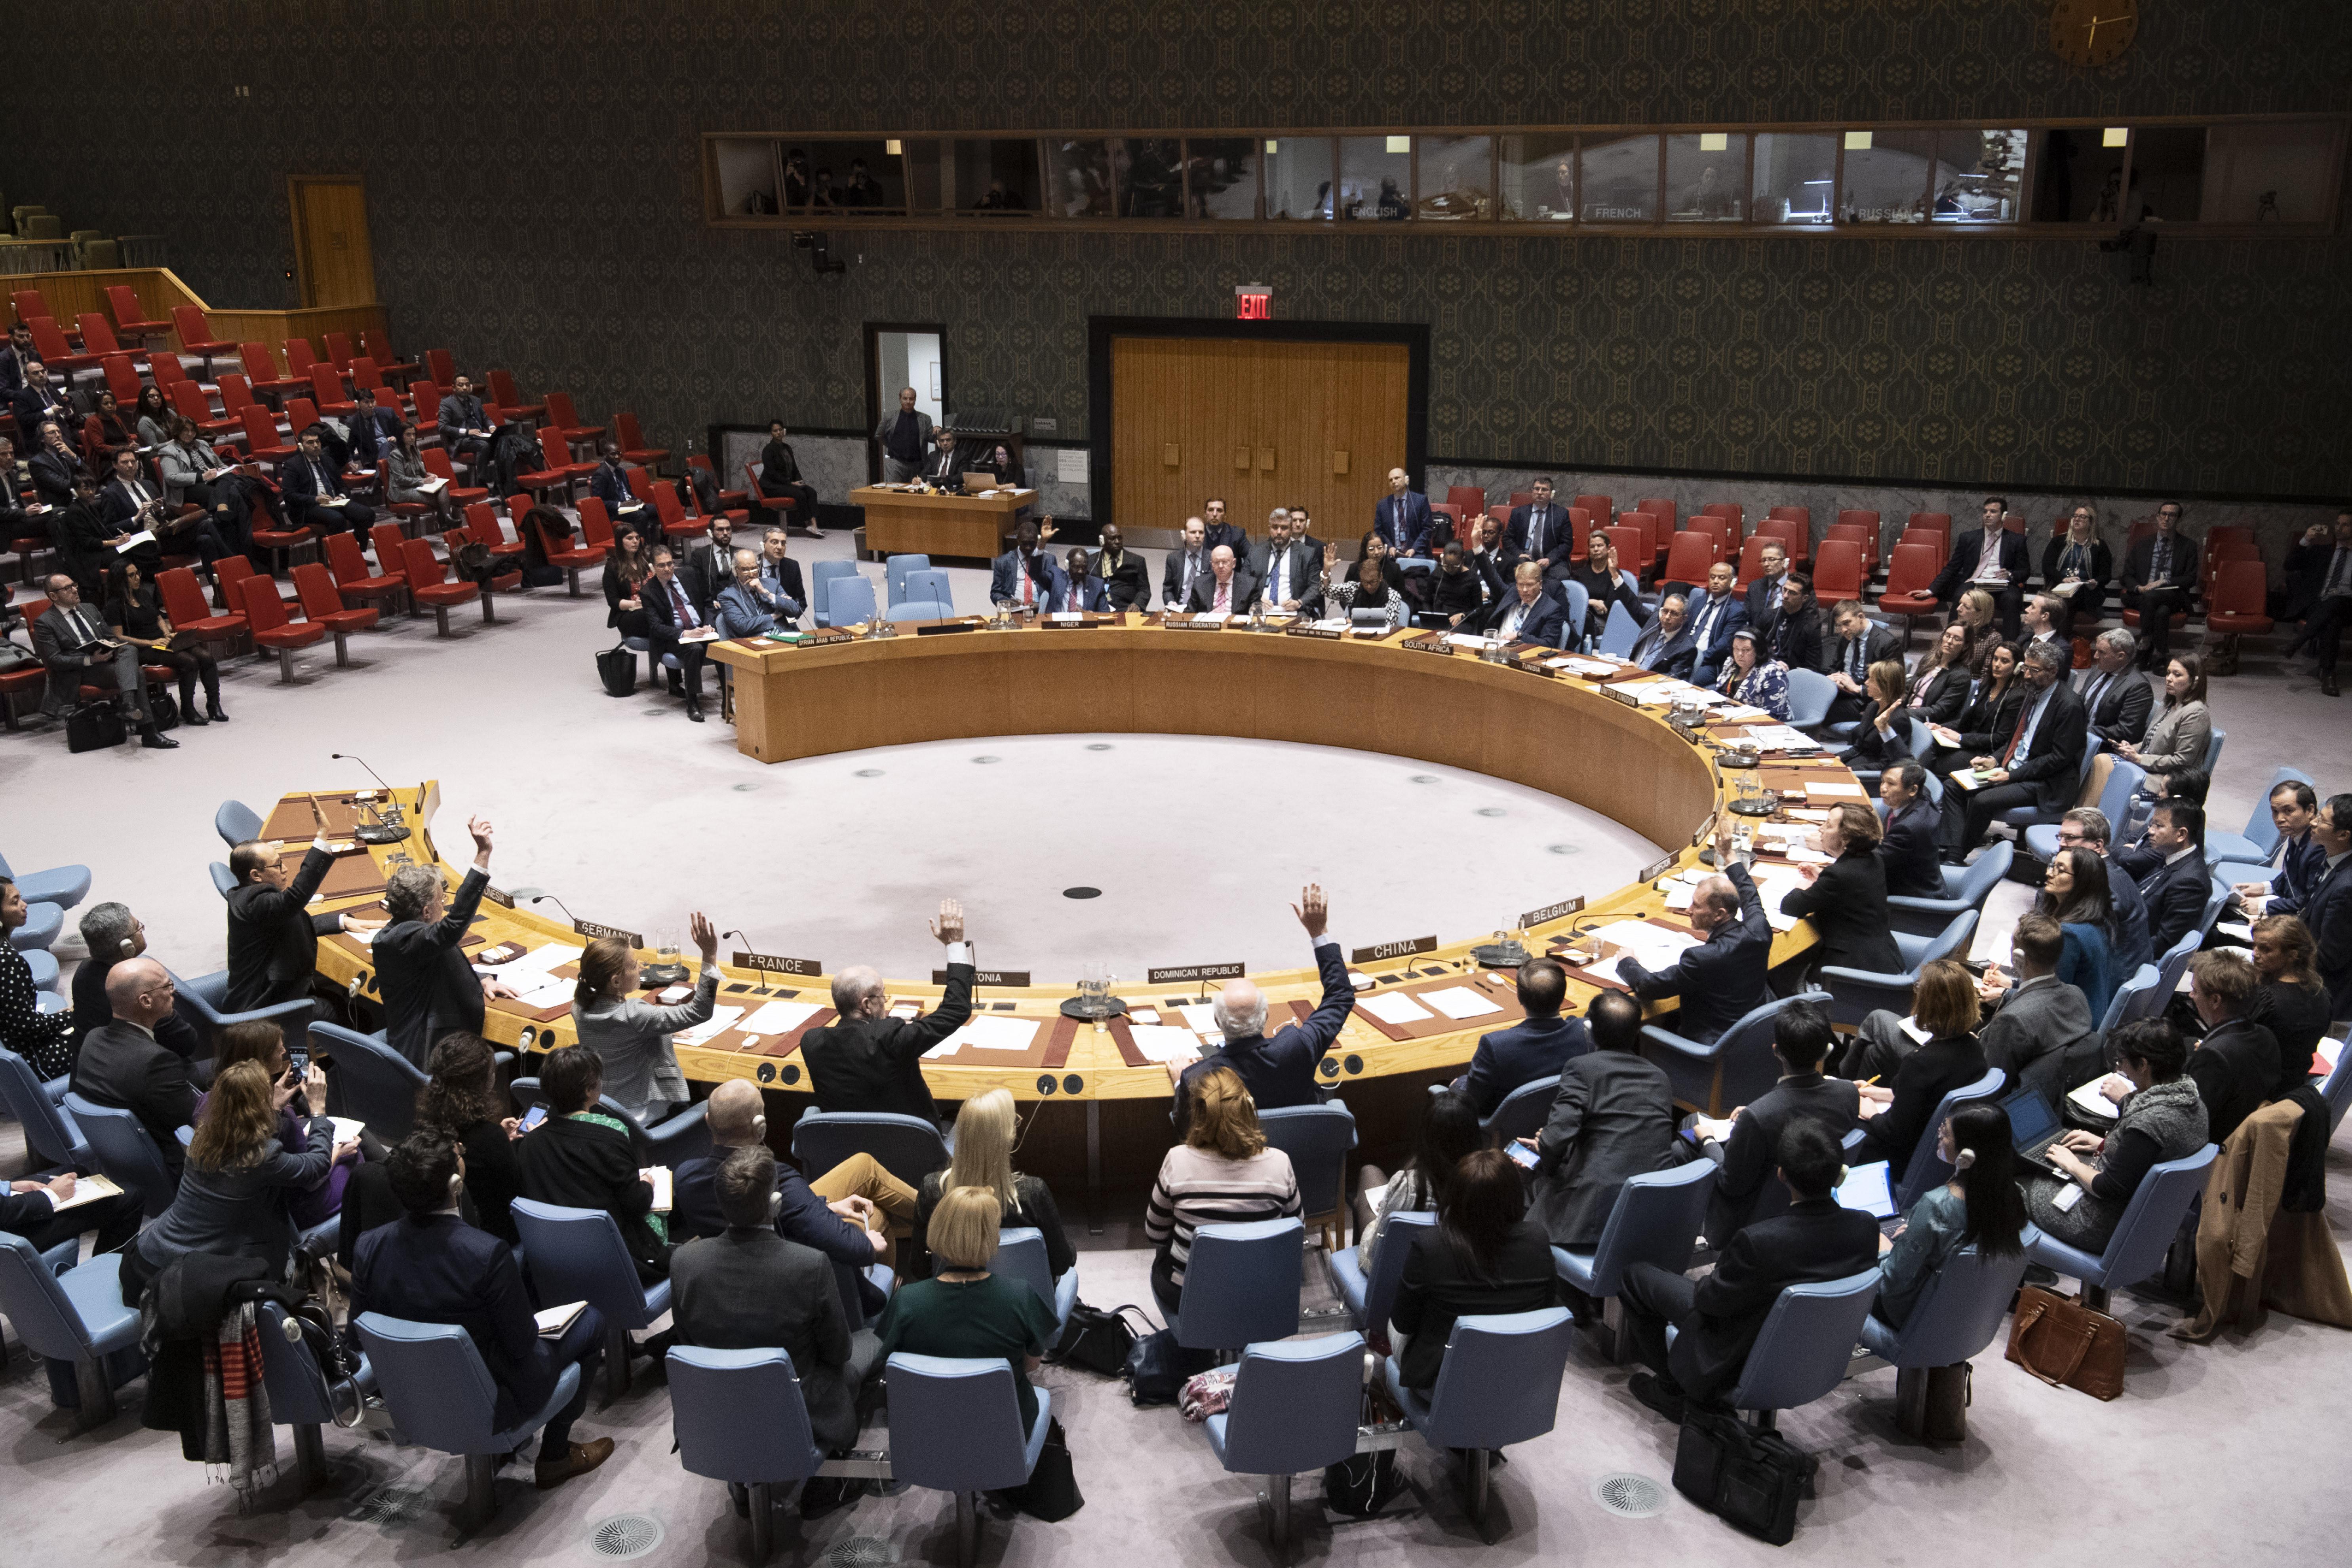 Việt Nam đảm nhận thành công cương vị Chủ tịch Hội đồng Bảo an Liên hợp quốc tháng 1 2020